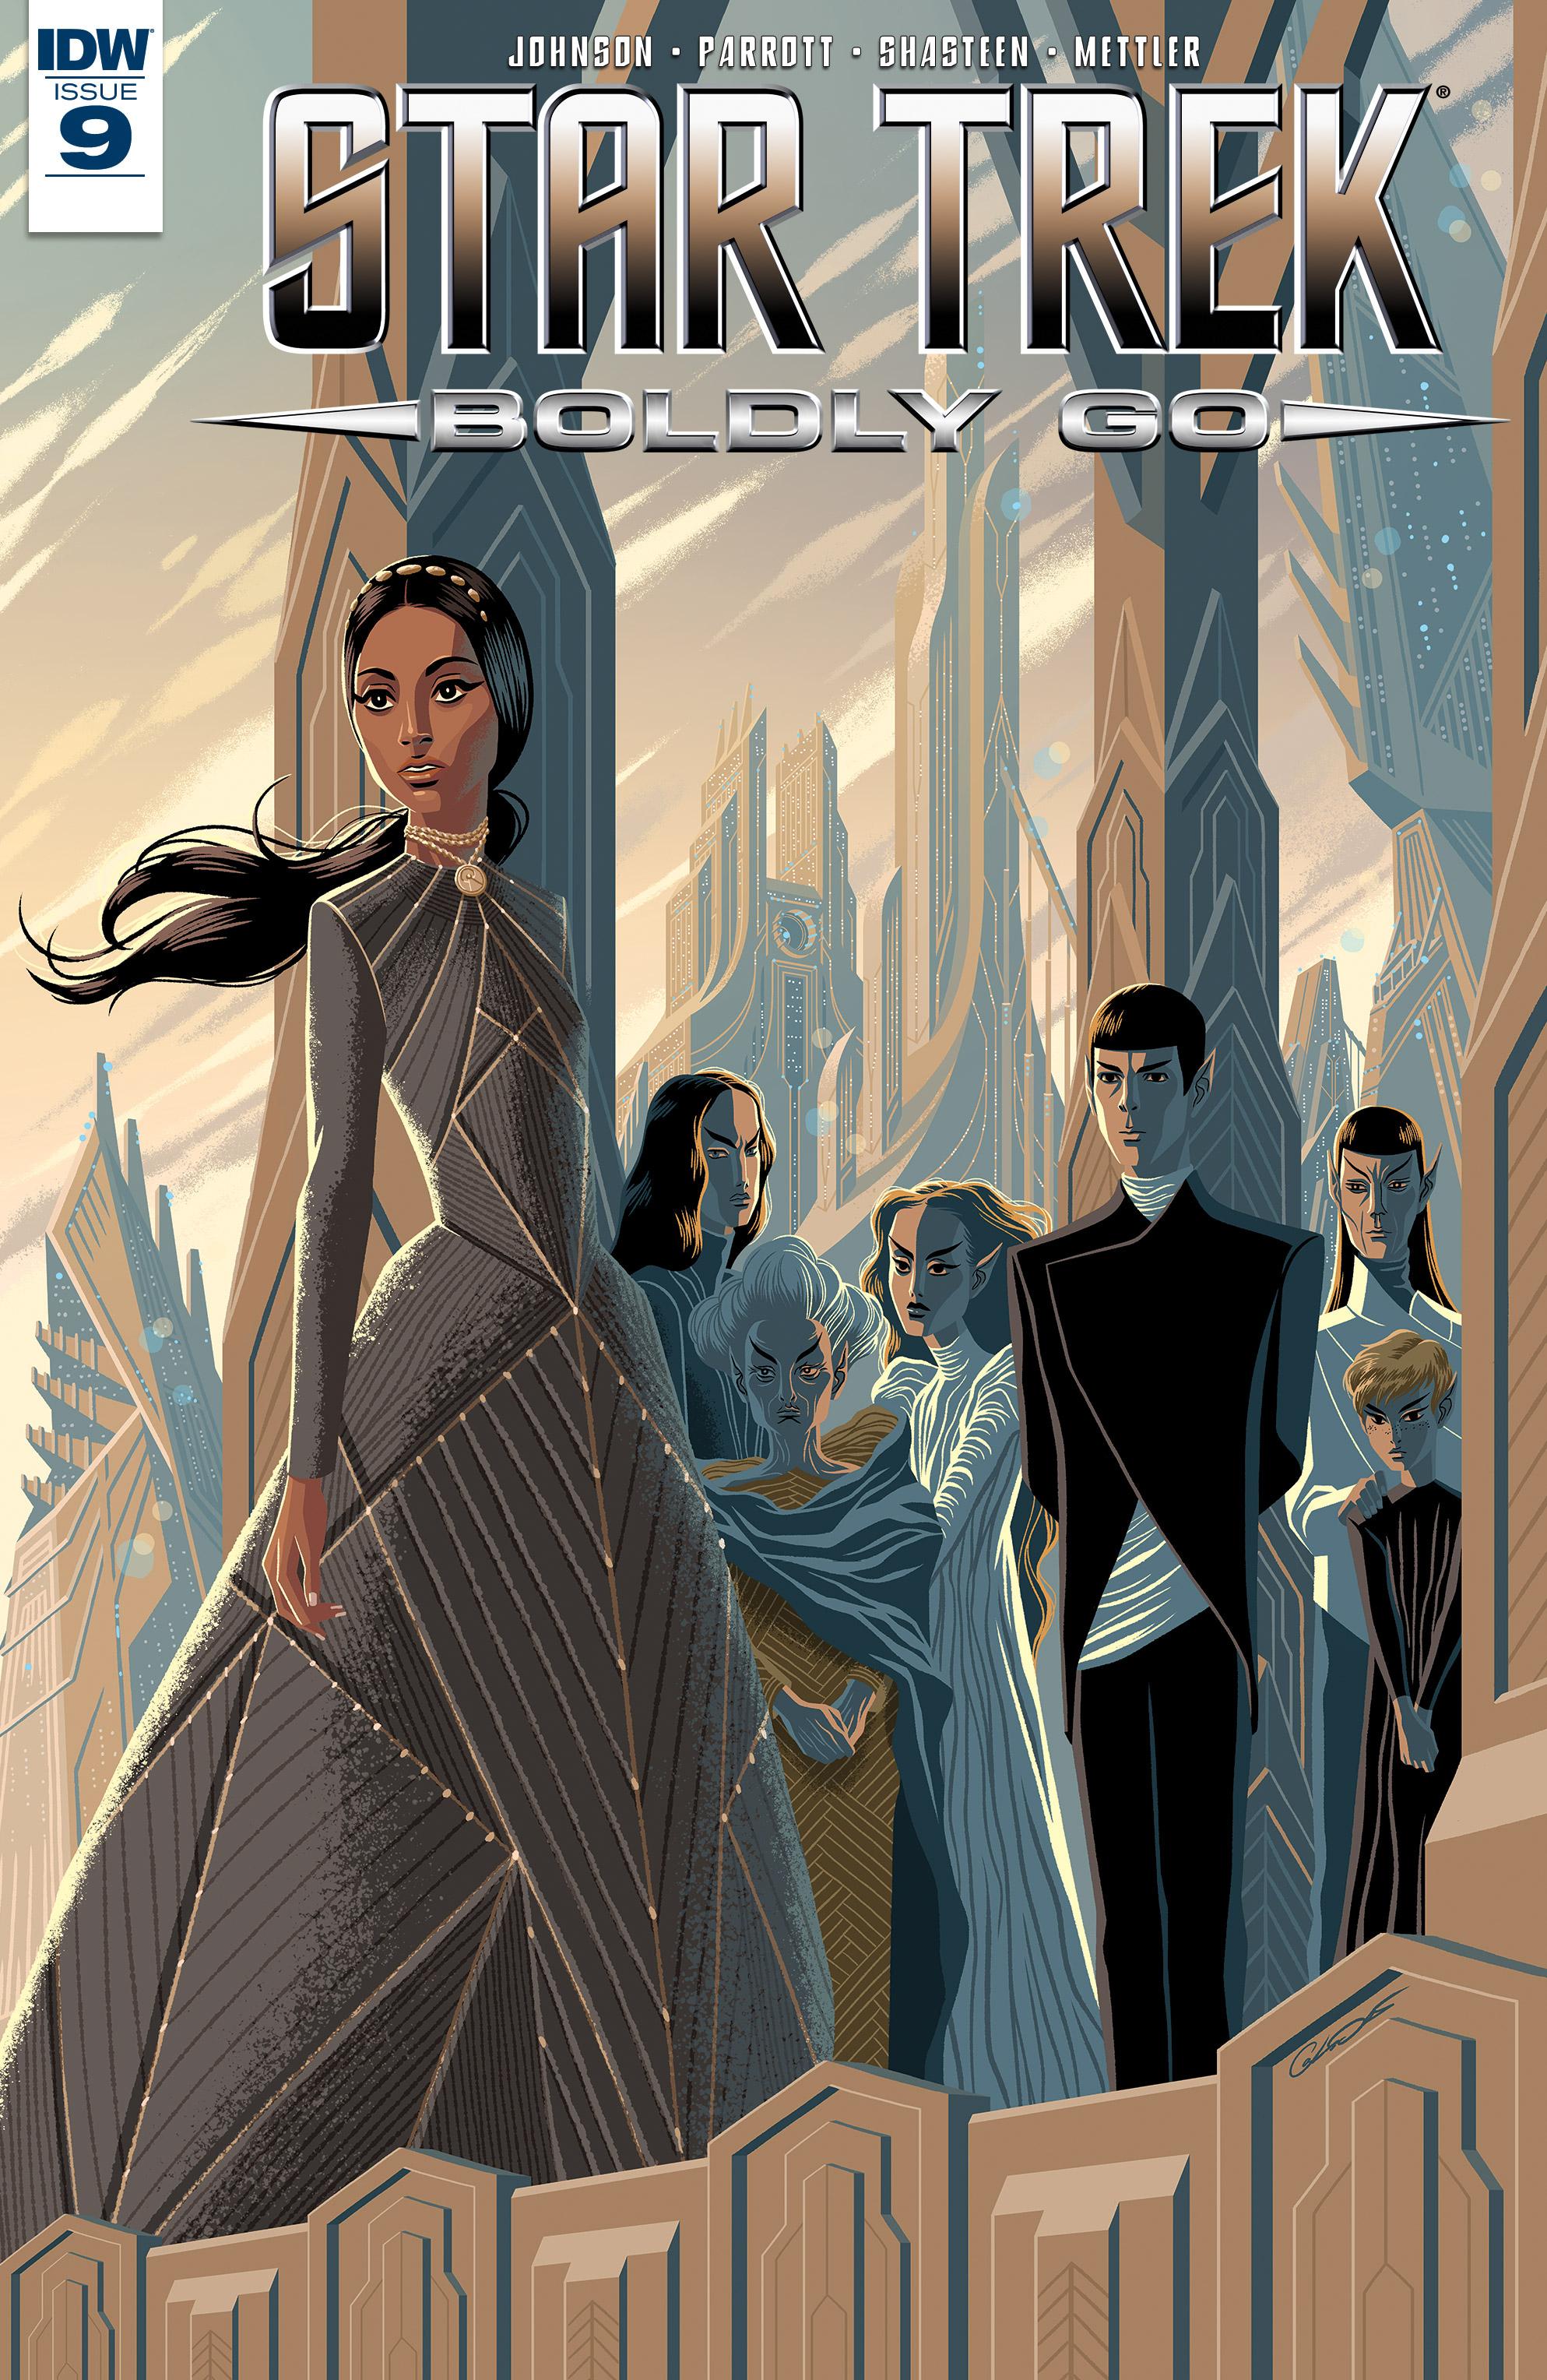 Read online Star Trek: Boldly Go comic -  Issue #9 - 1